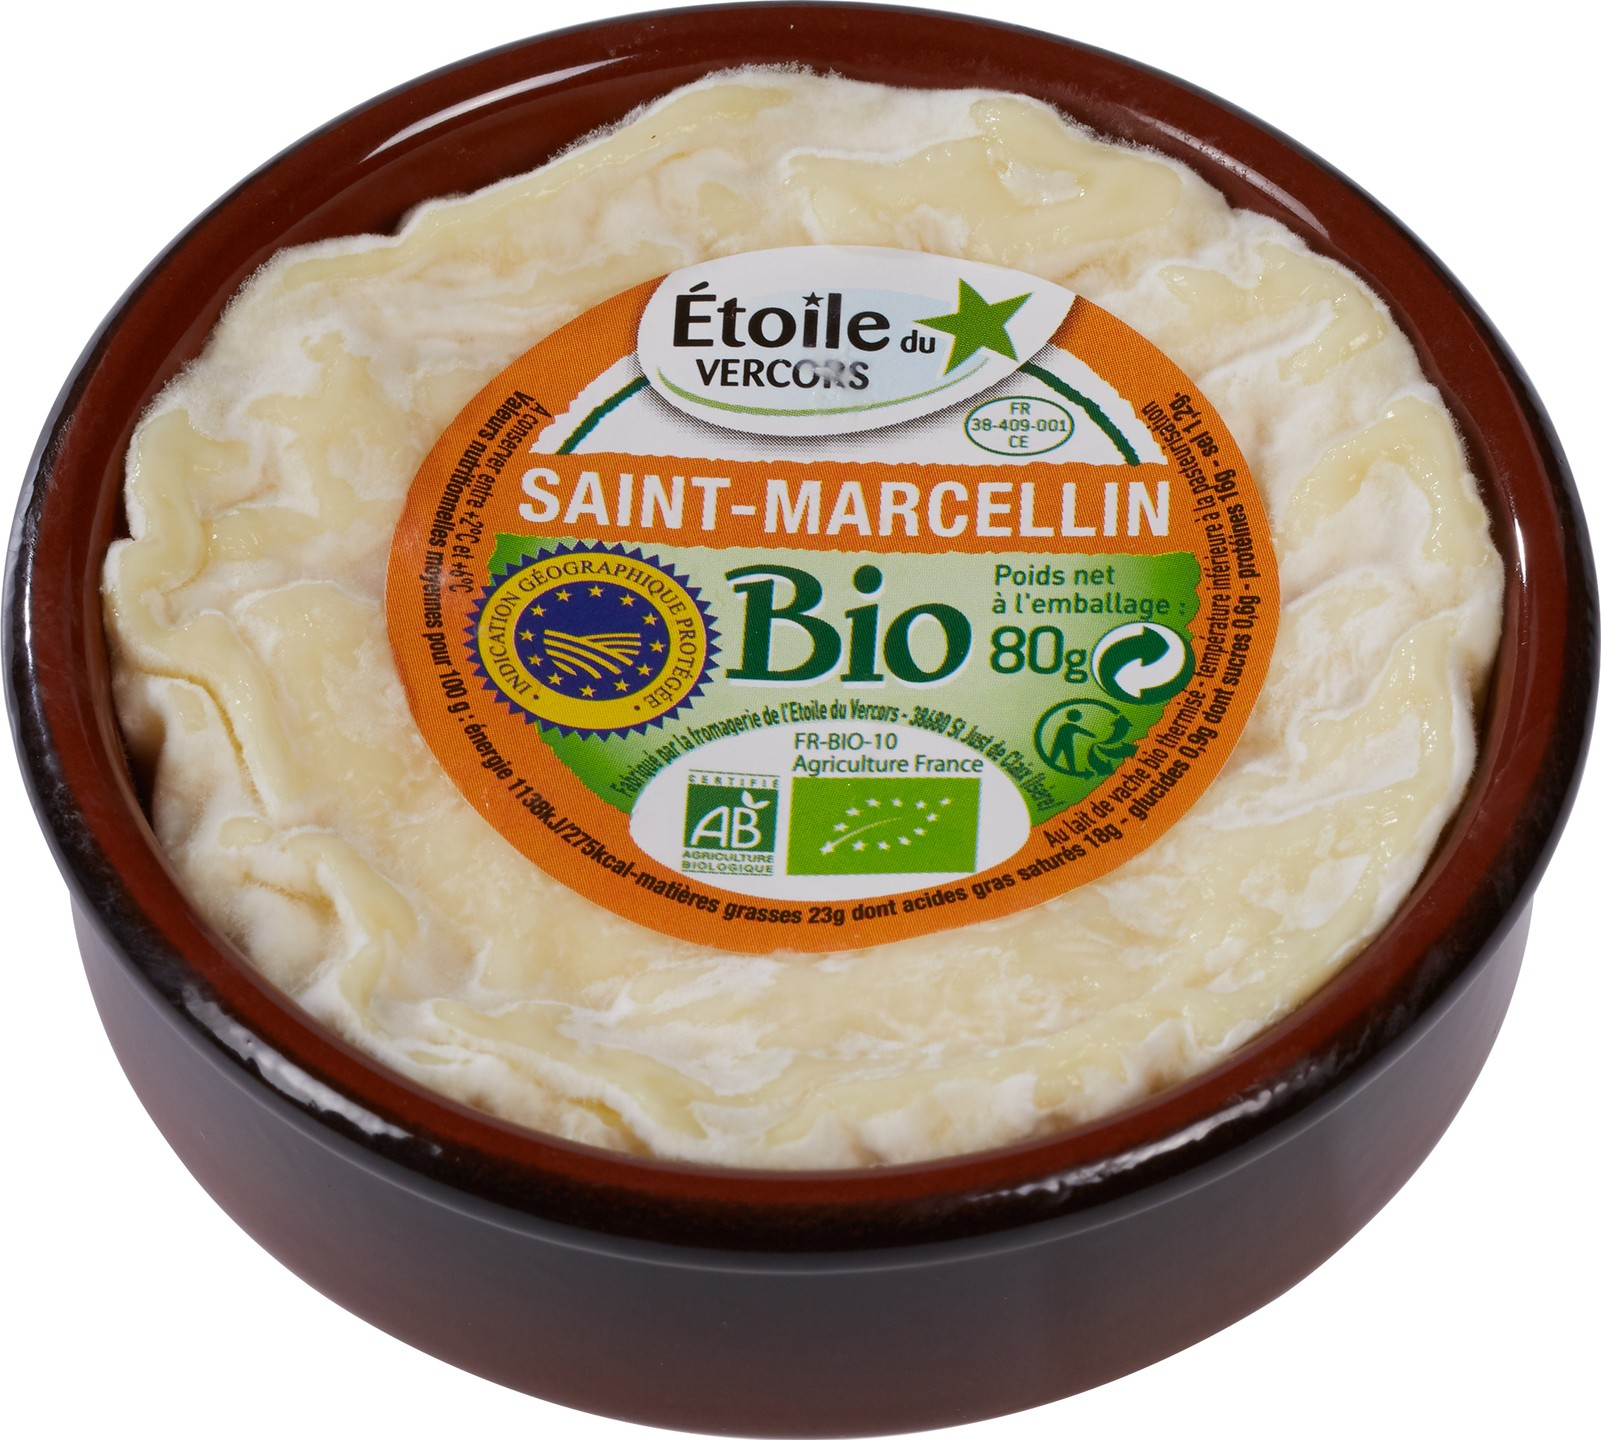 Biologische l'Étoile du Vercors St. Marcellin 80 gr